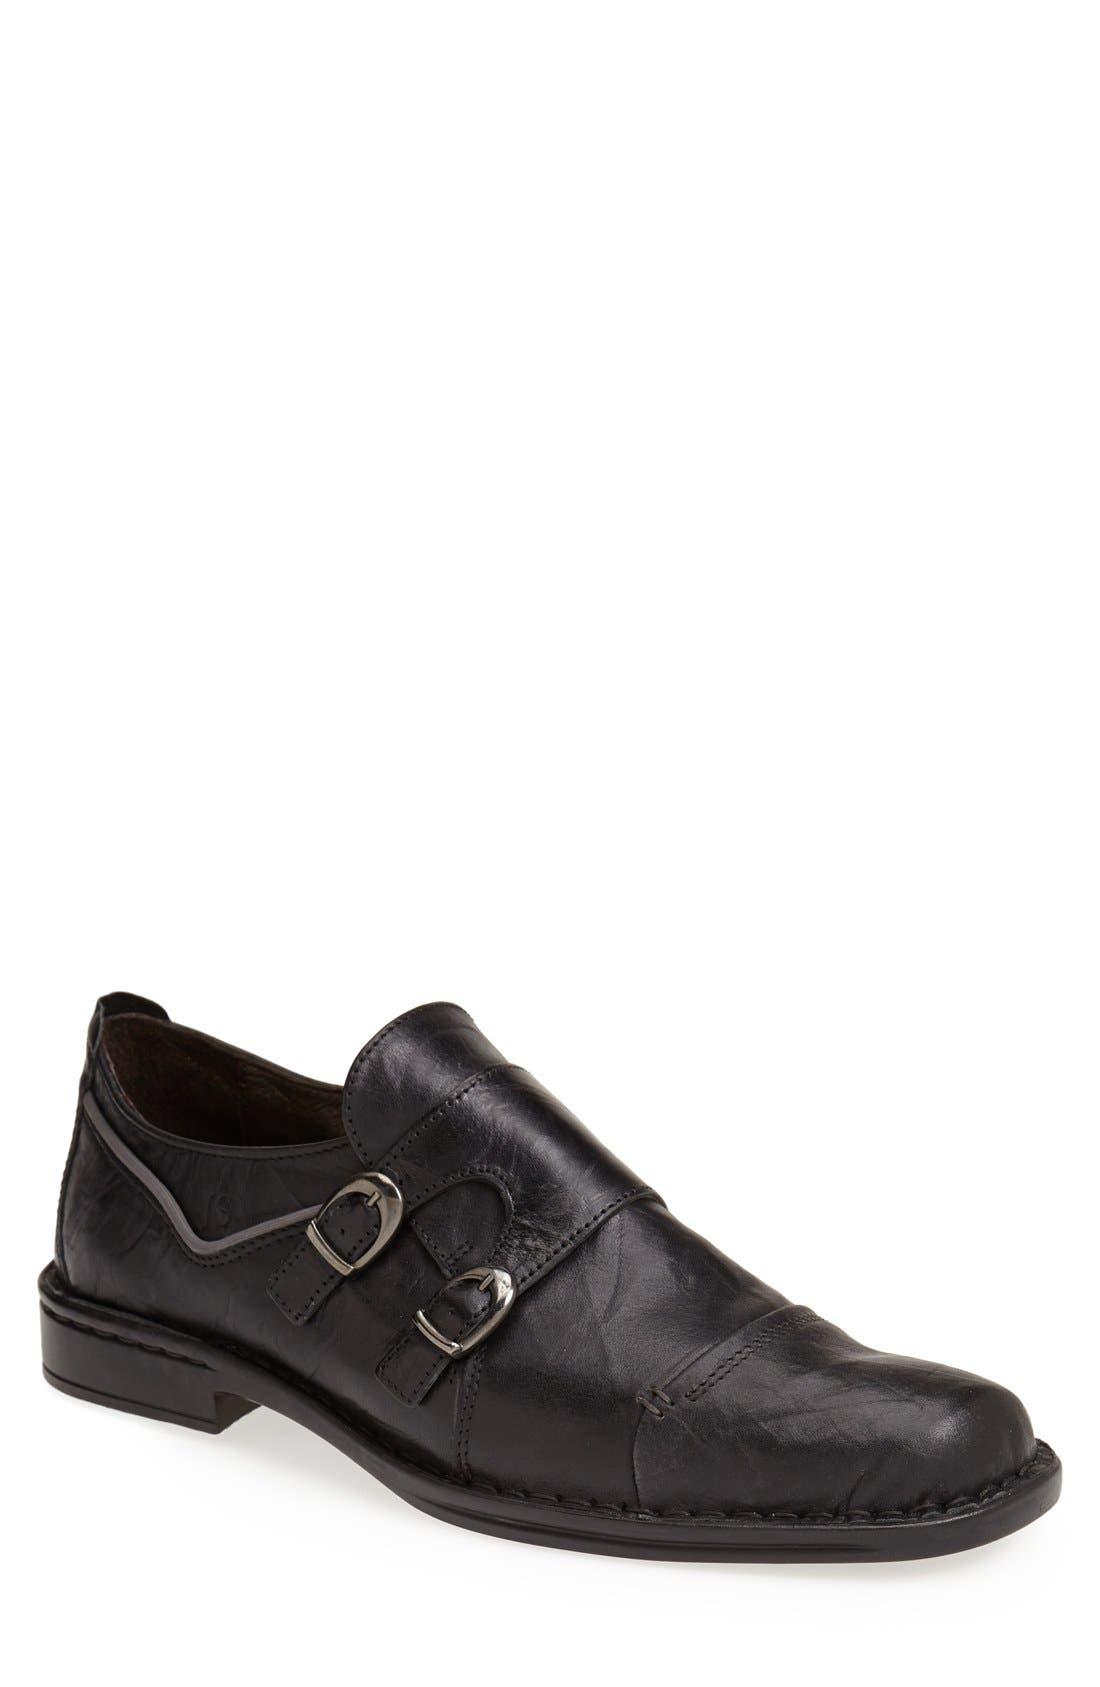 'Douglas 11' Double Monk Strap Shoe,                         Main,                         color, BLACK